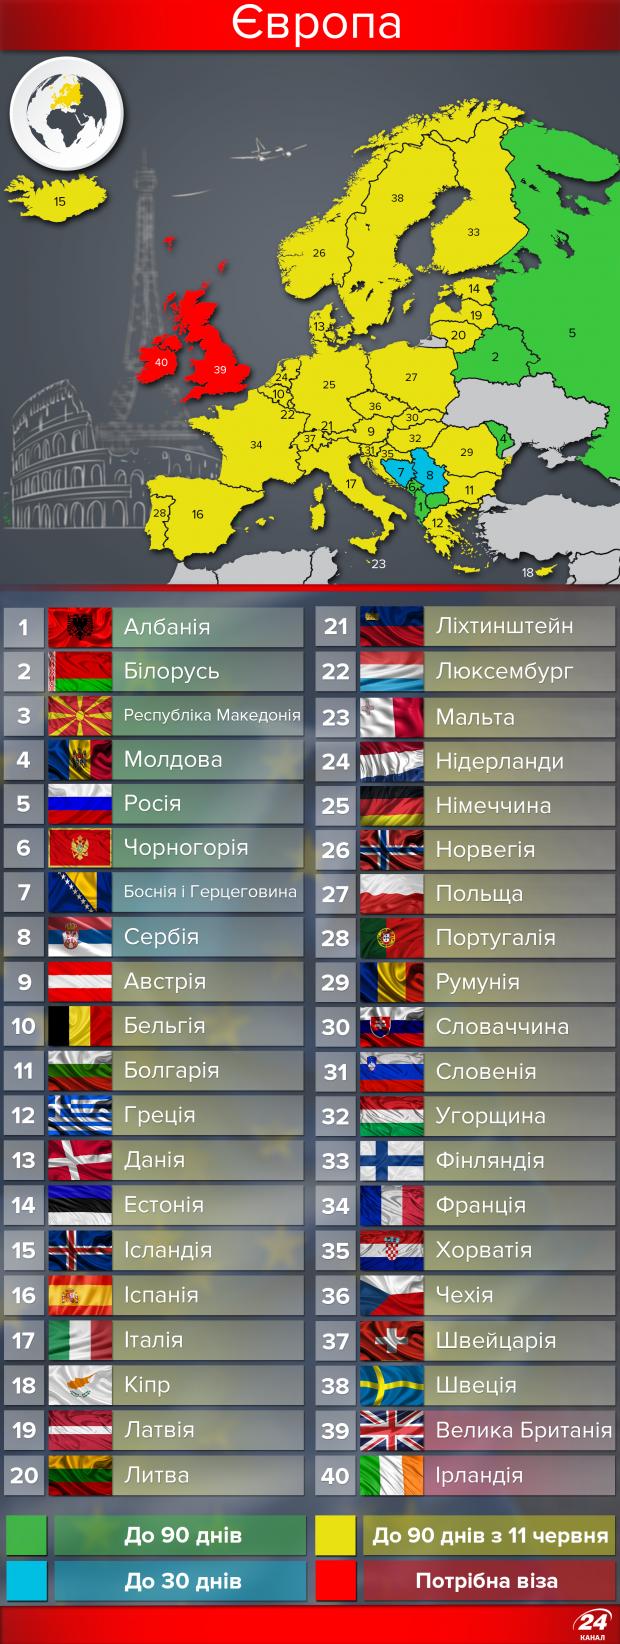 Безвизовая Безвизовые страны для Украинской 2017: страны Европы